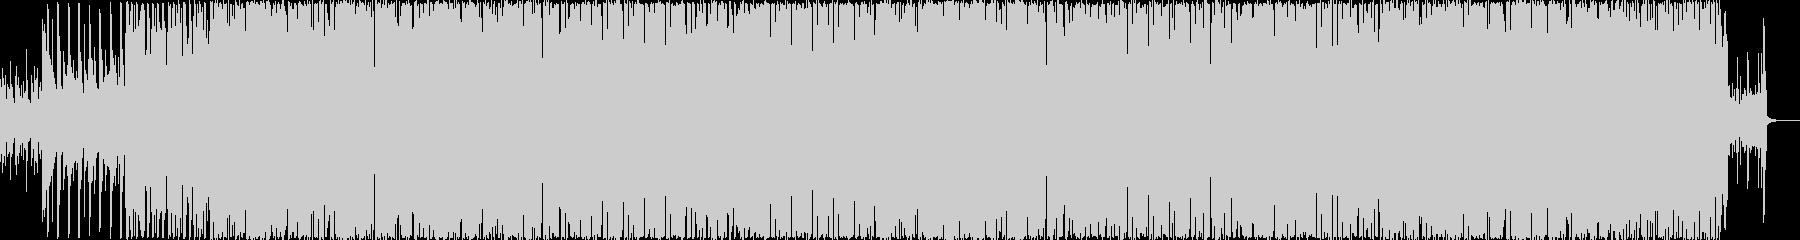 疾走感のあるシンセサイザーのエレクトロの未再生の波形